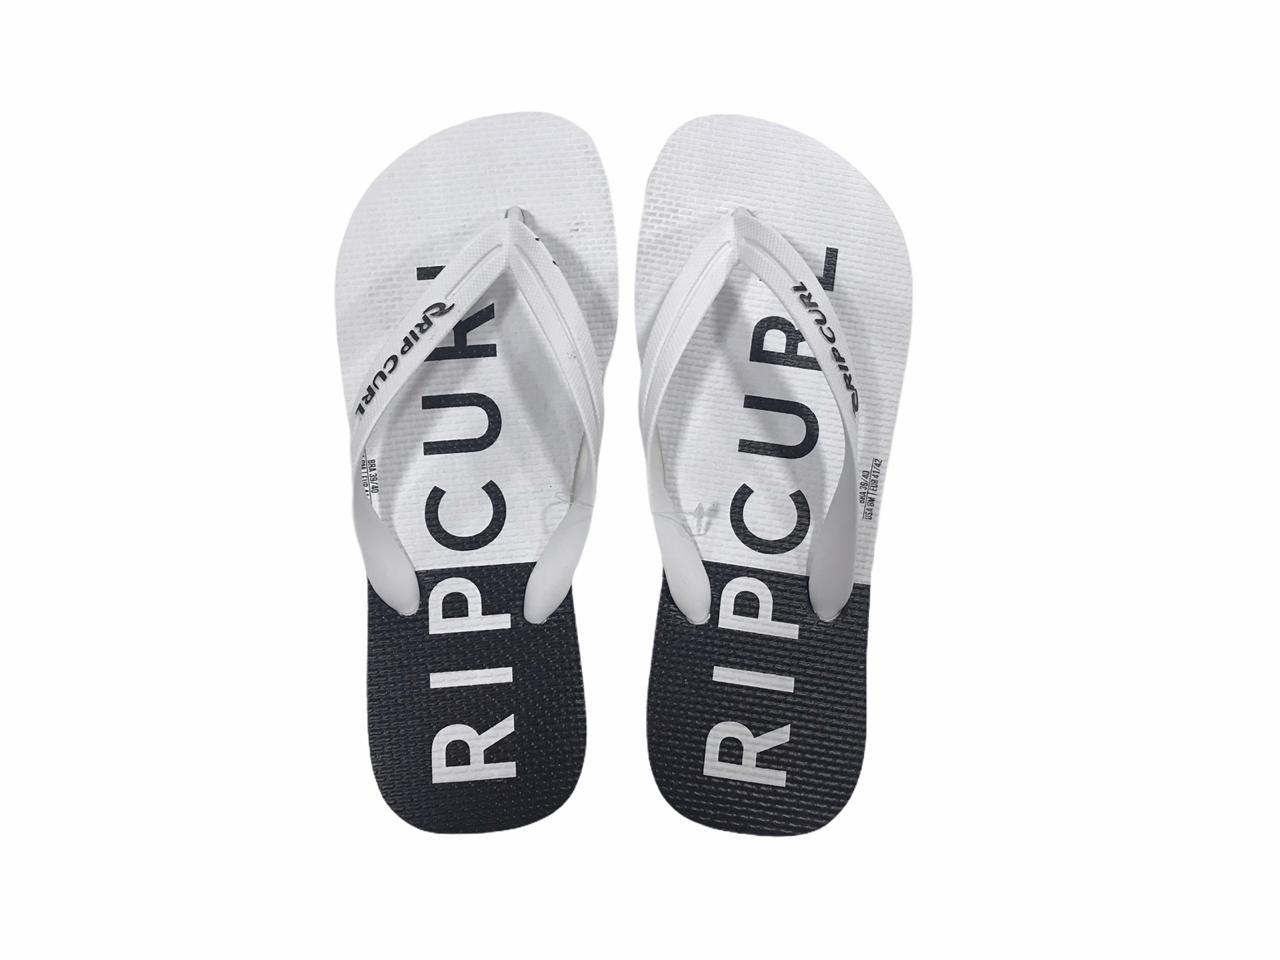 Chinelo Rip Curl Half - Flip Flop Branco e Preto